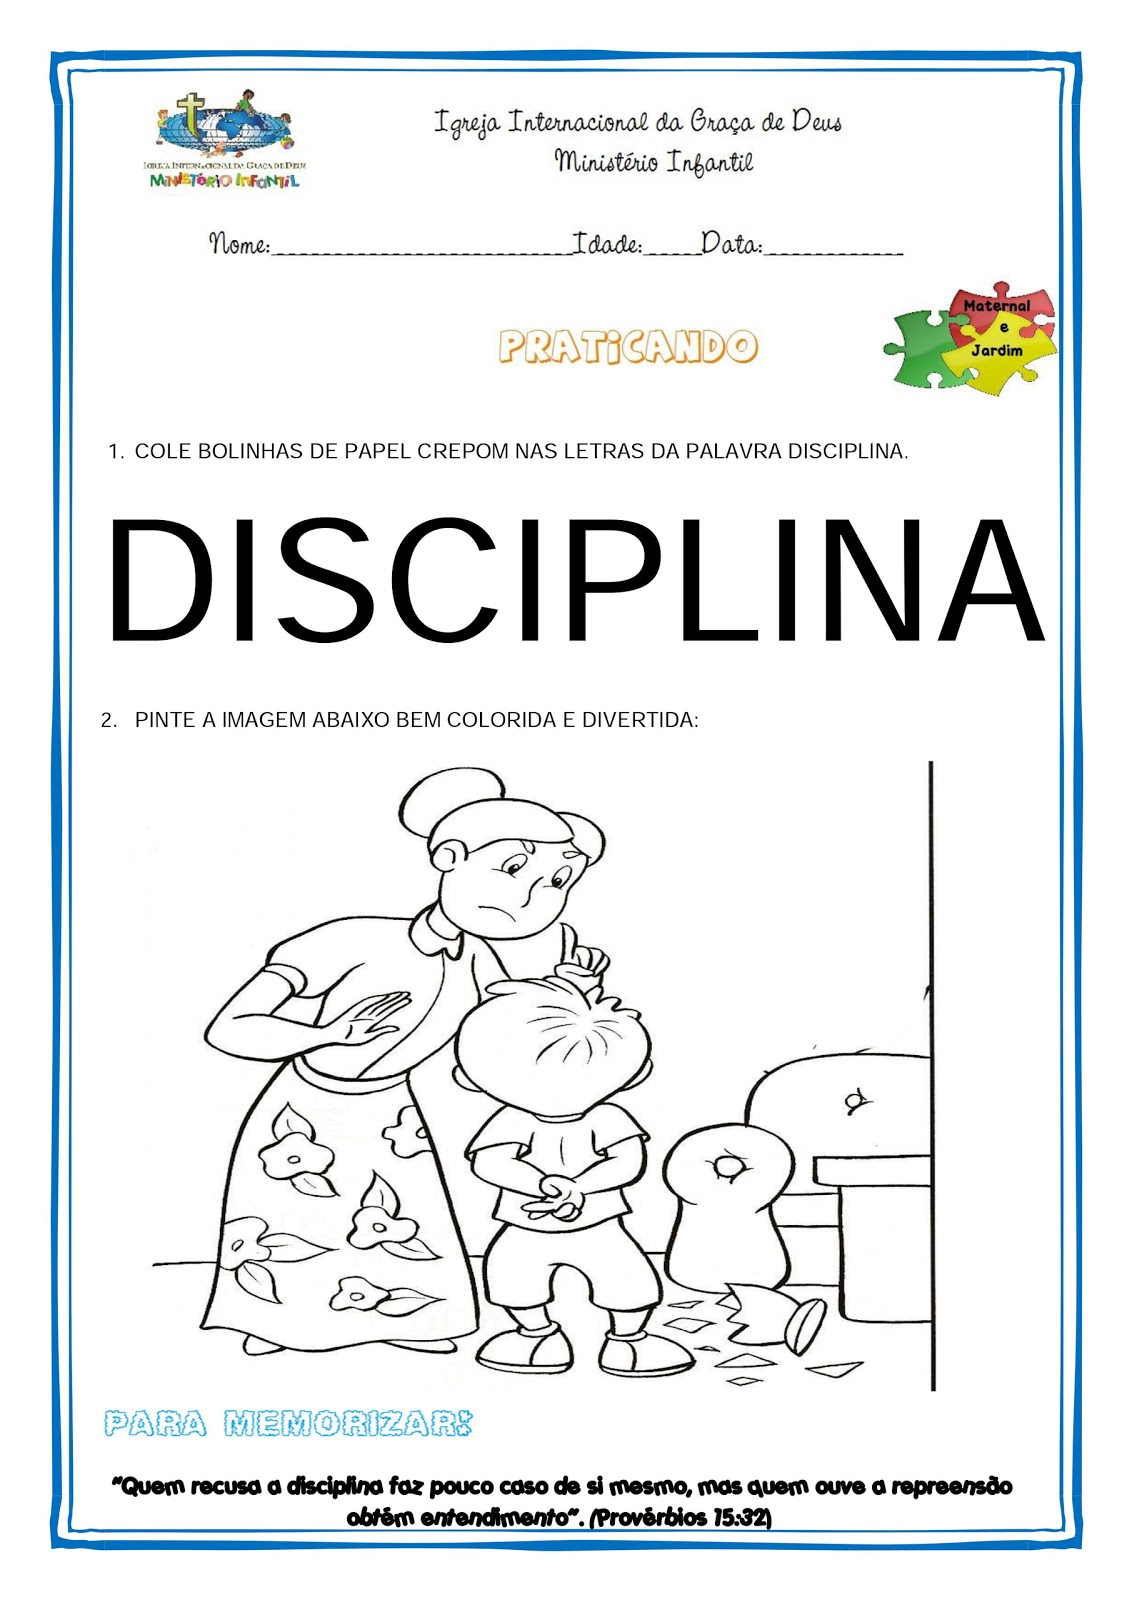 Minist rio infantil cascavel atividade quarta disciplina for Ministerio de inter